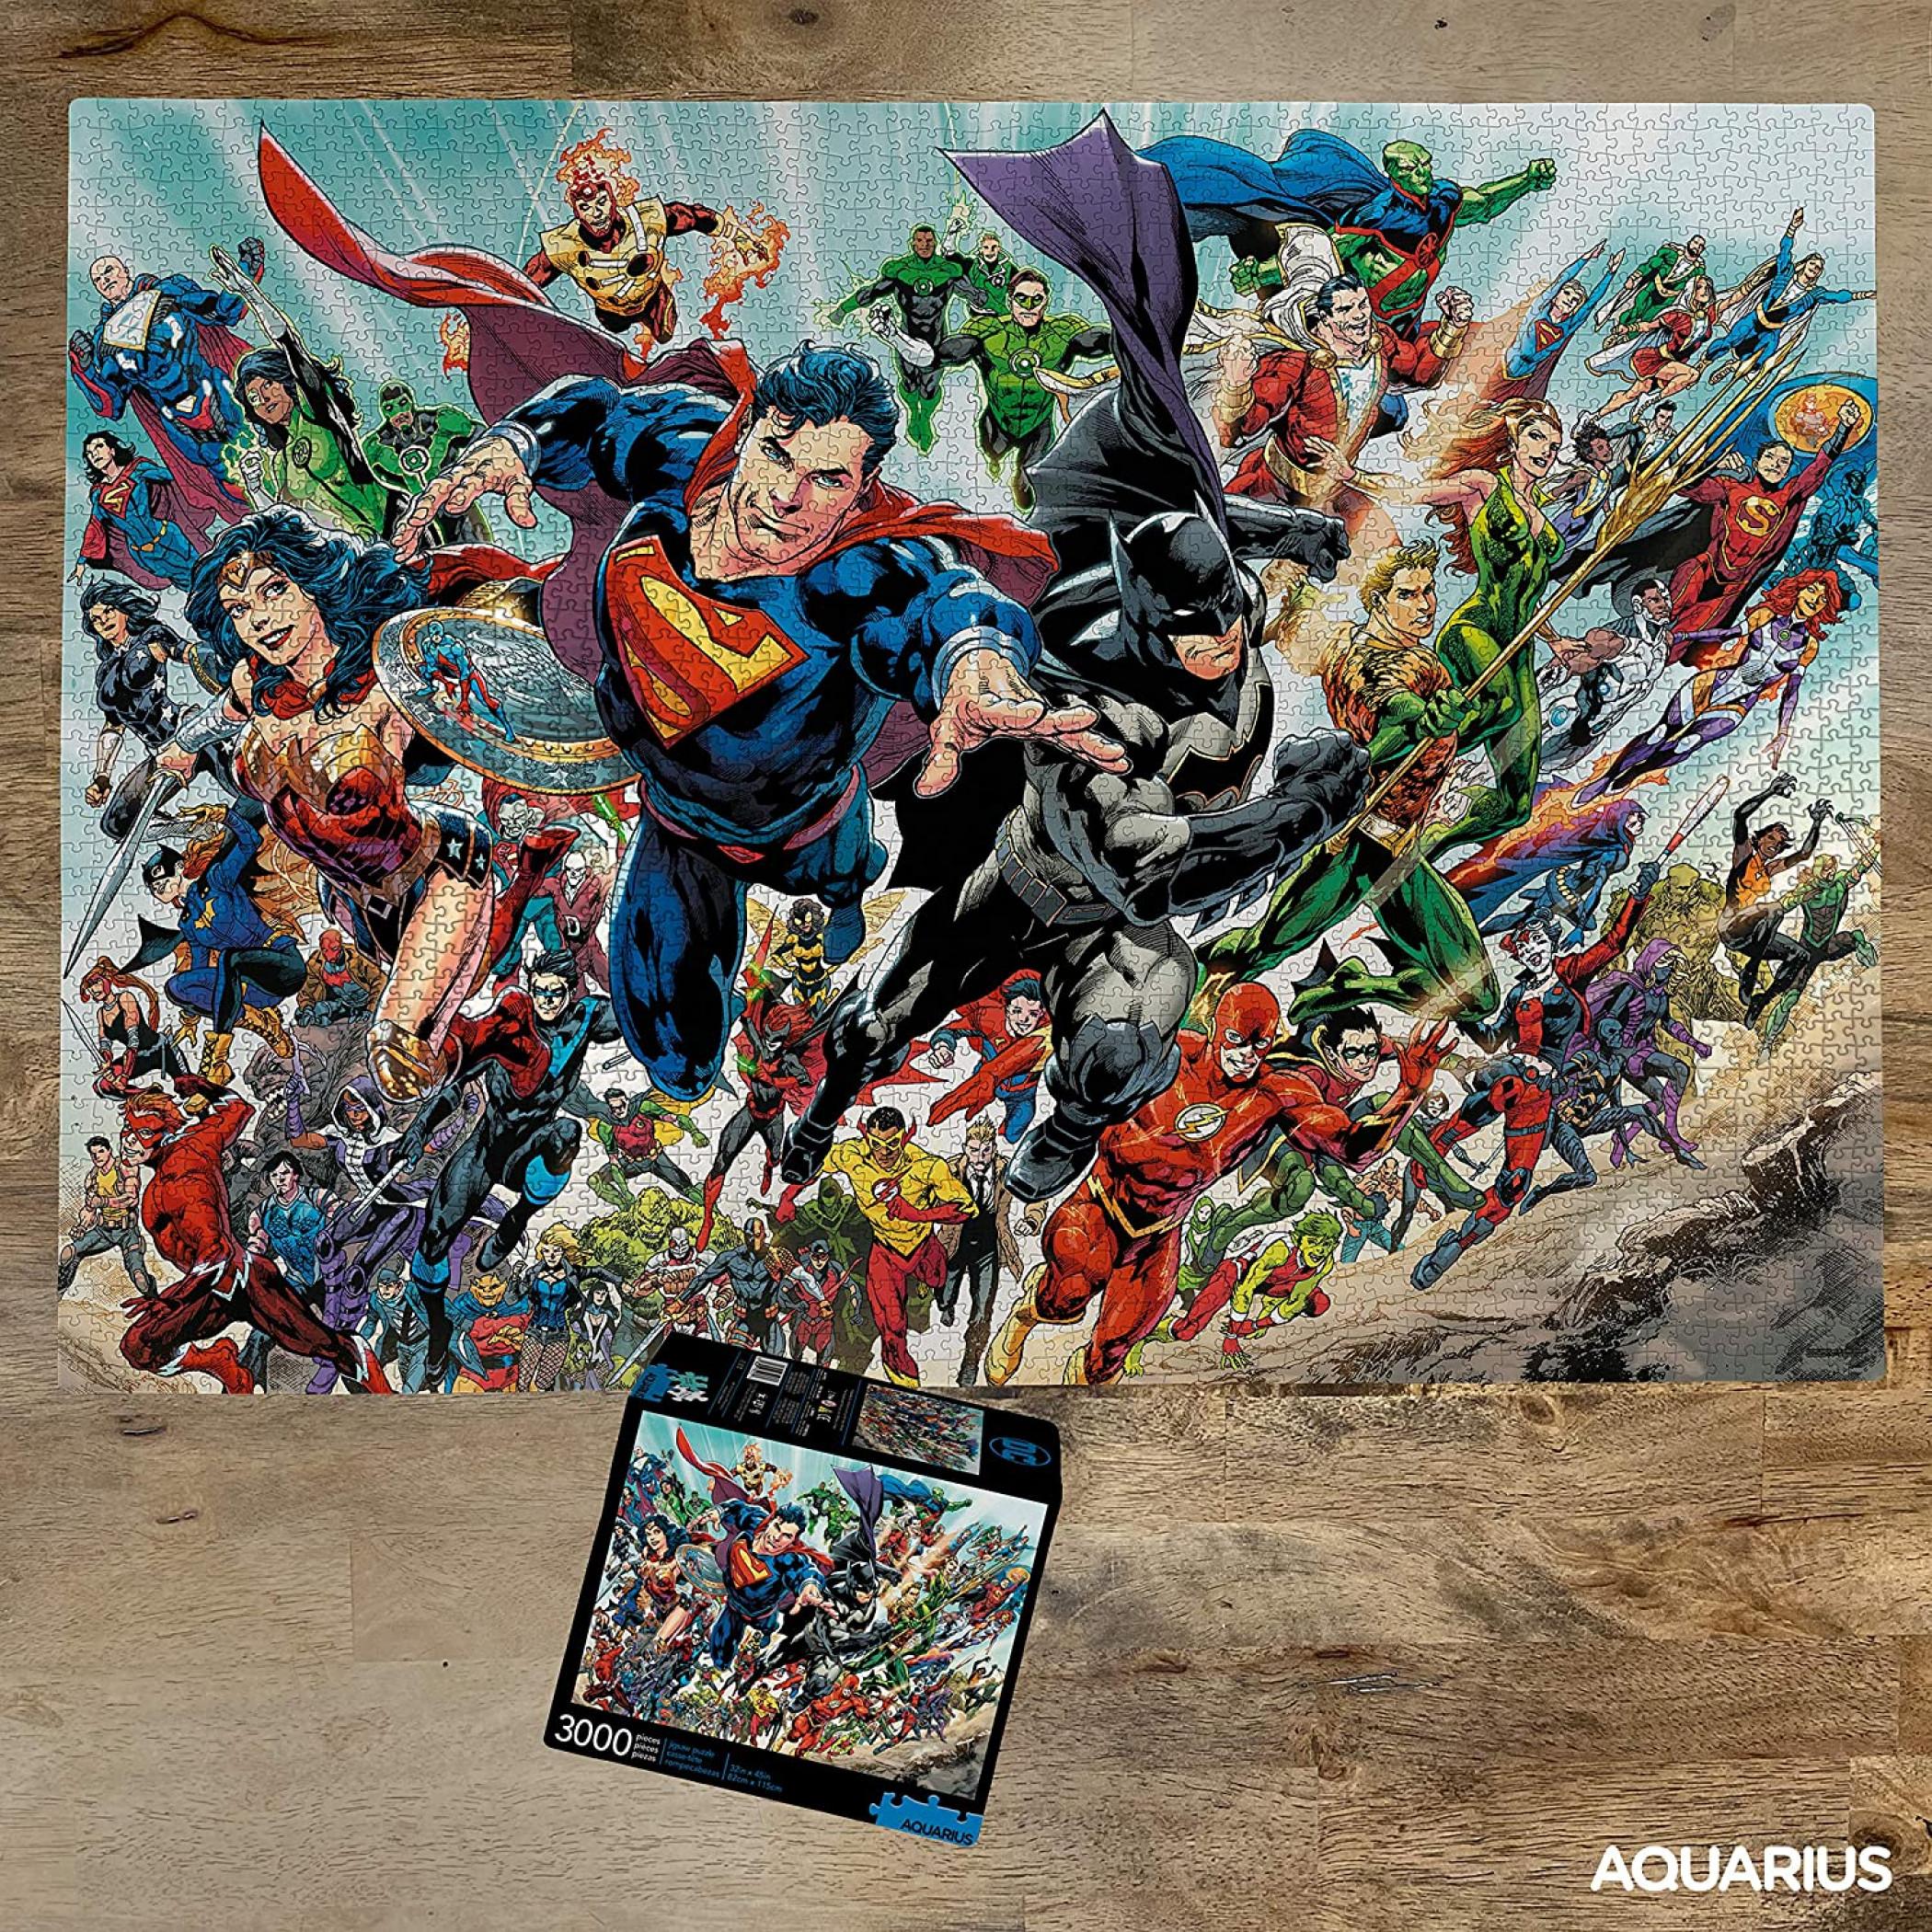 DC Cast Team Up 3000 Piece Puzzle